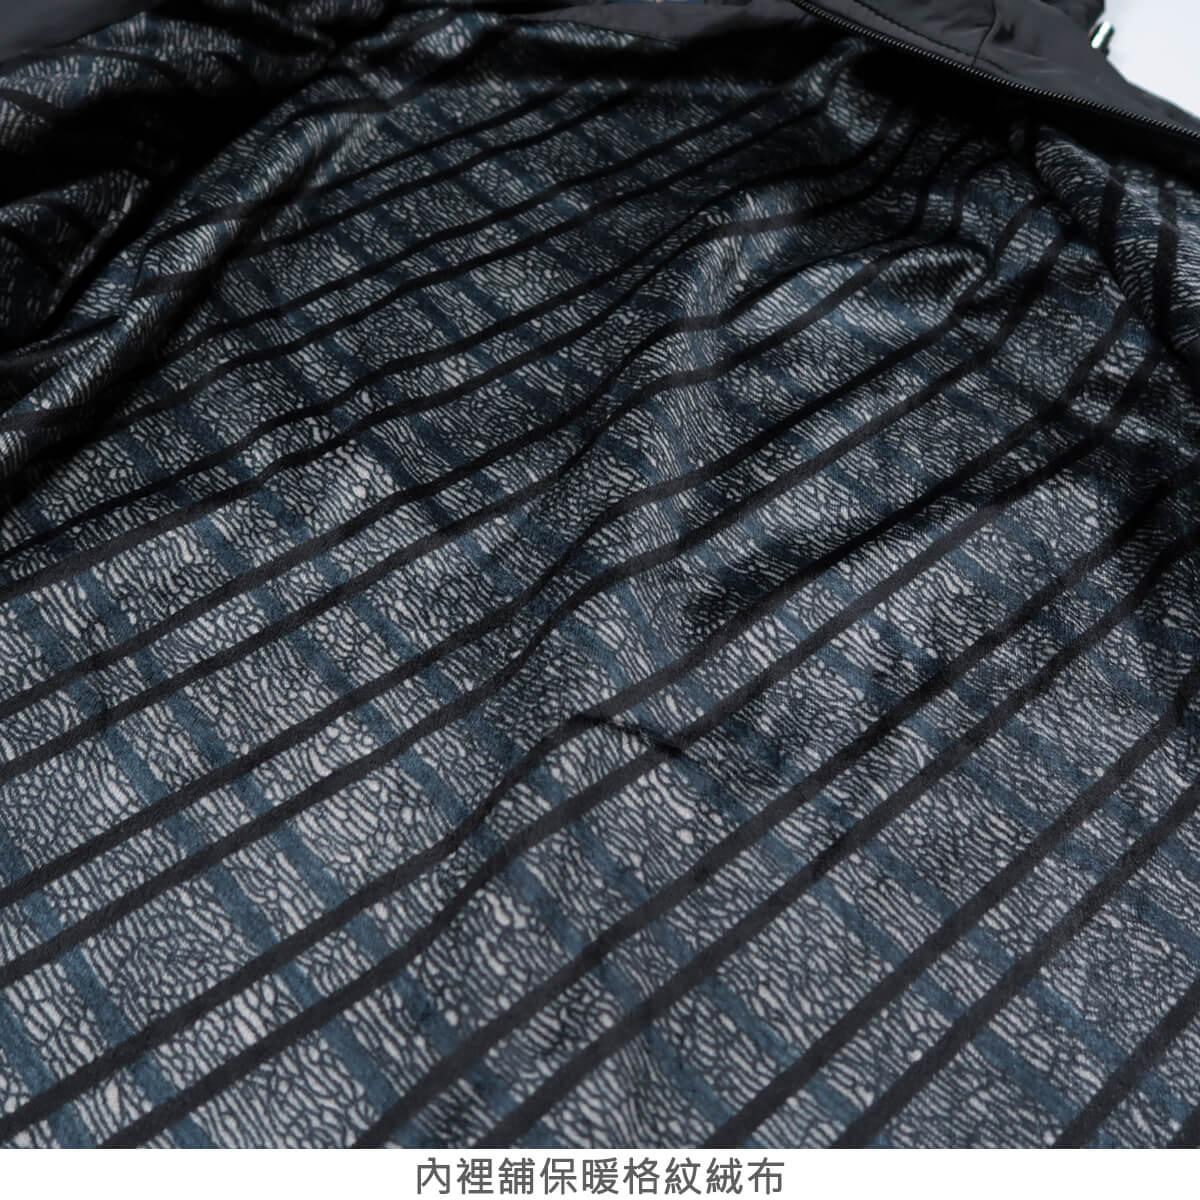 內舖絨布保暖風衣外套 保暖外套 騎士外套 夾克外套 防風外套 黑色外套 FLANNEL LINED WINDBREAKER JACKETS (312-6077-21)黑色 L XL 2L(胸圍46~51英吋) [實體店面保障] sun-e 8